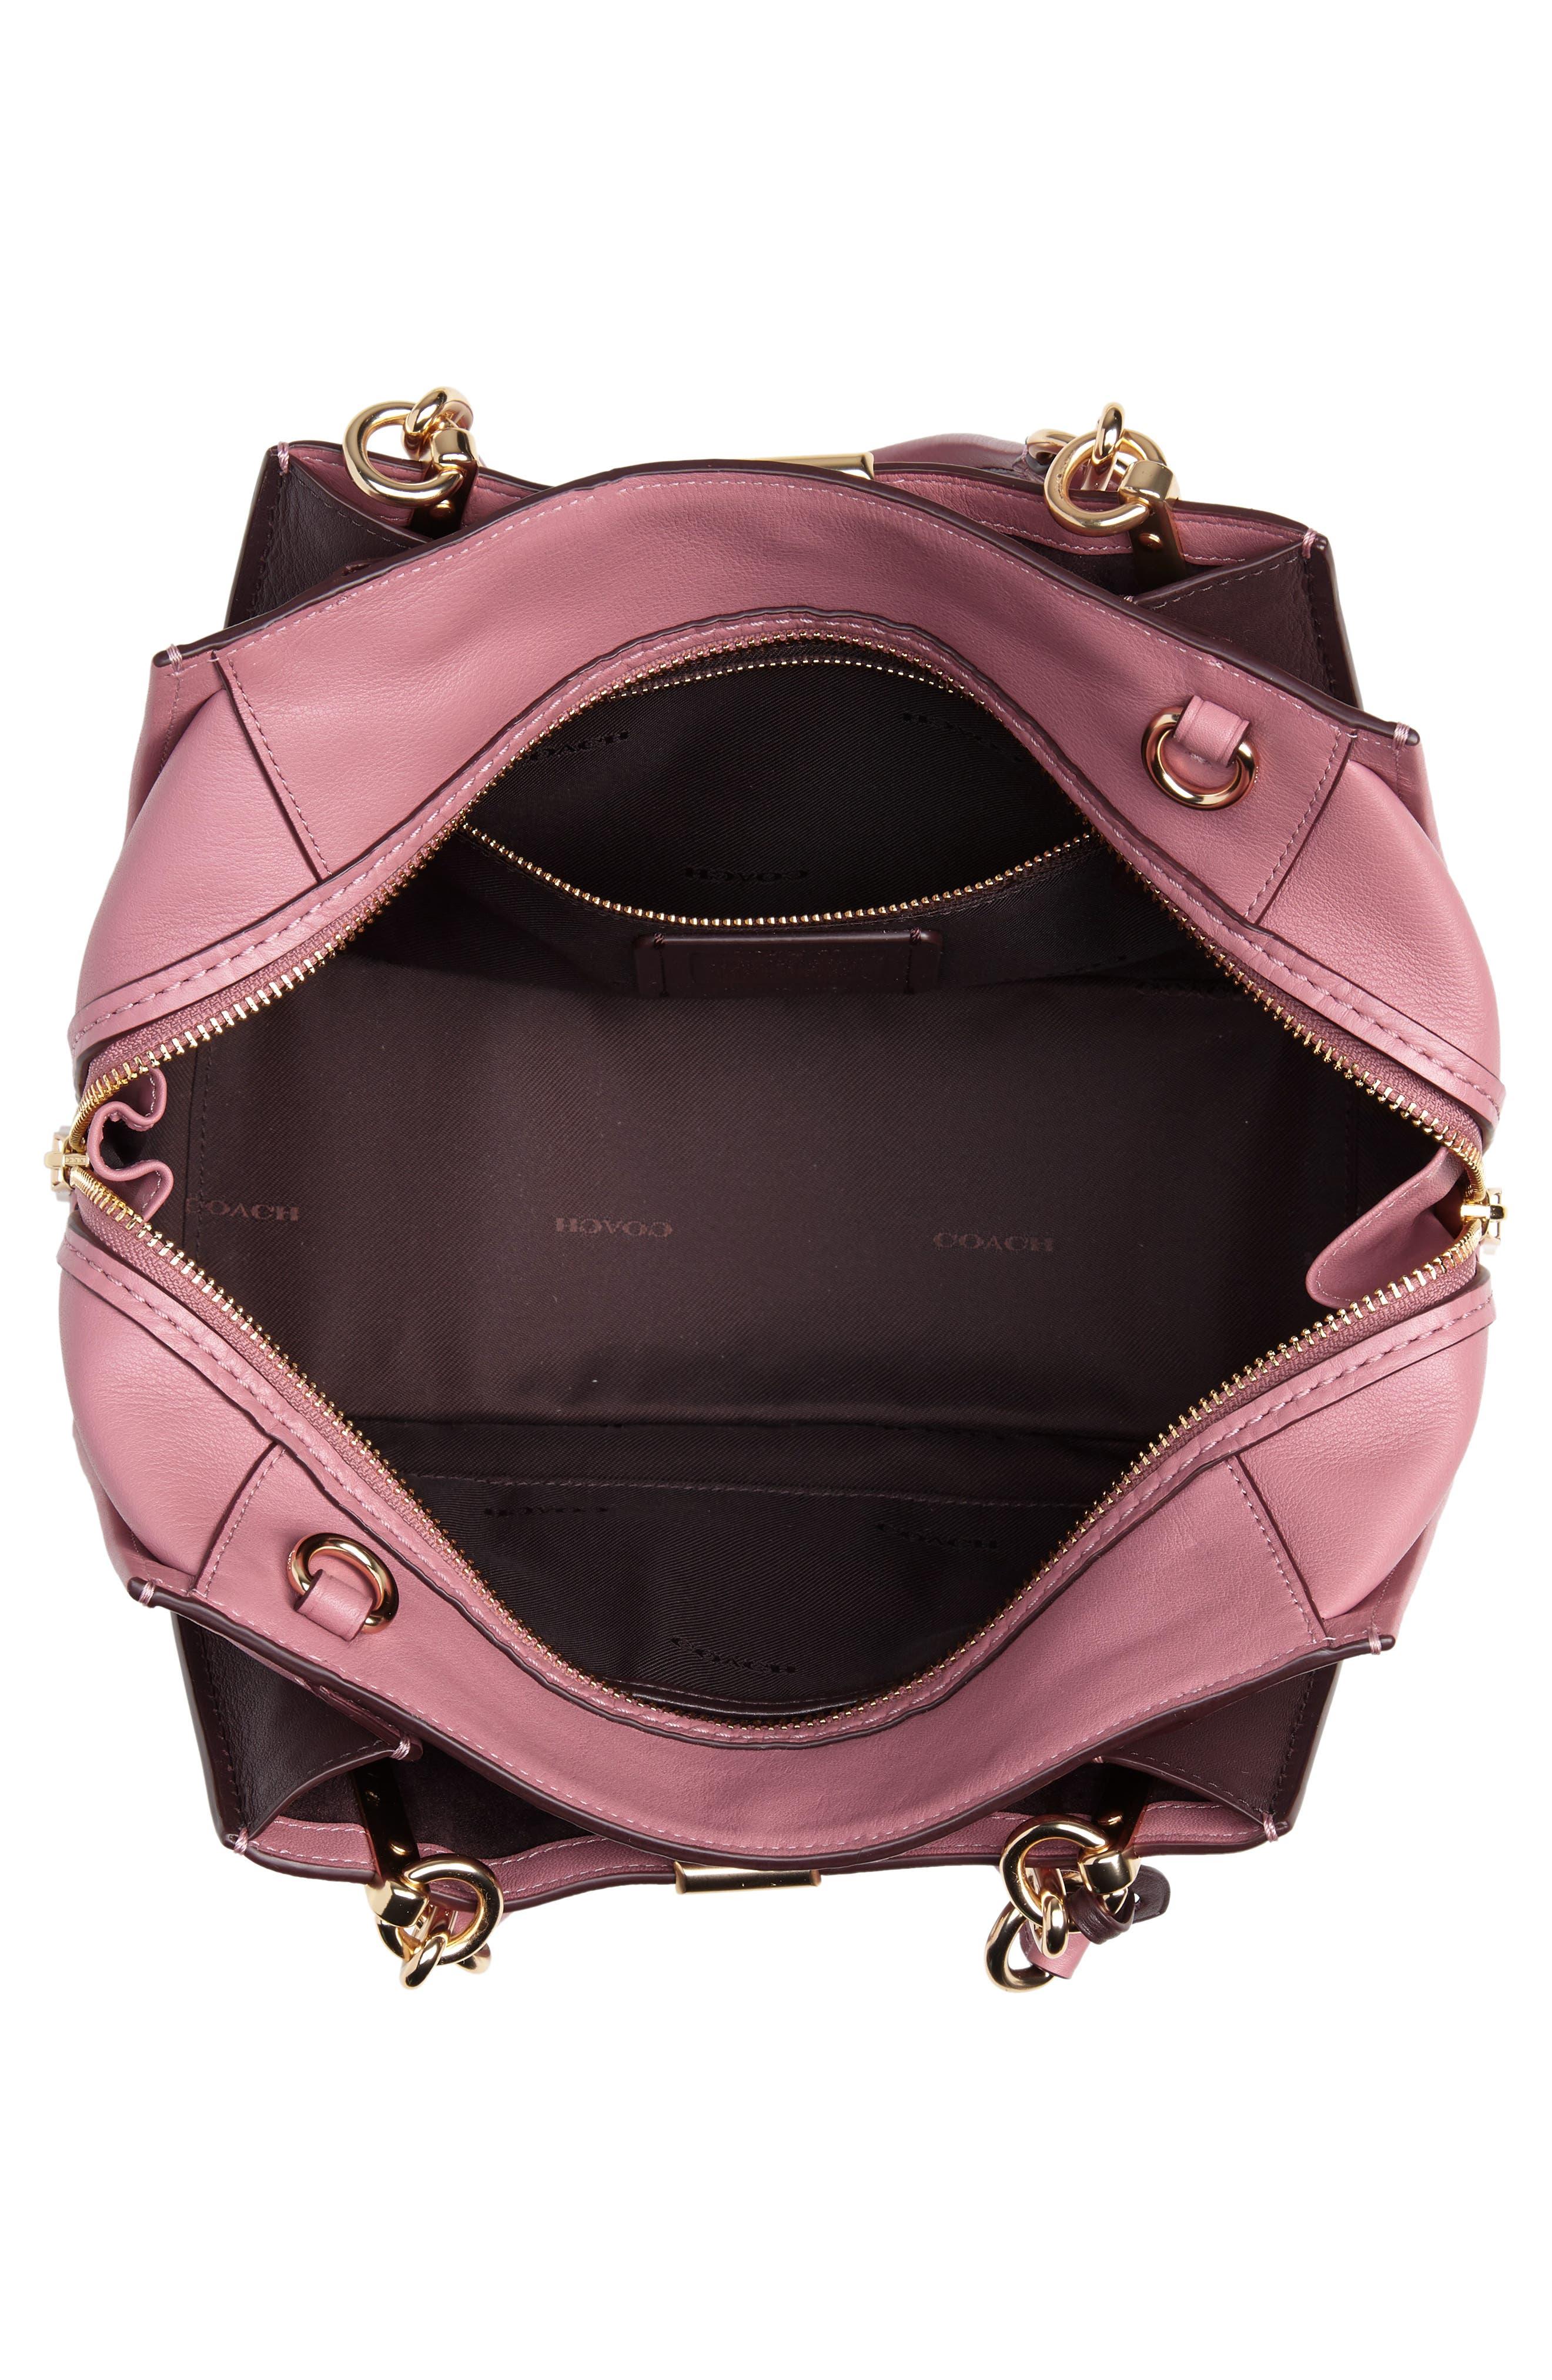 Dreamer Leather Handbag,                             Alternate thumbnail 4, color,                             ROSE MULTI